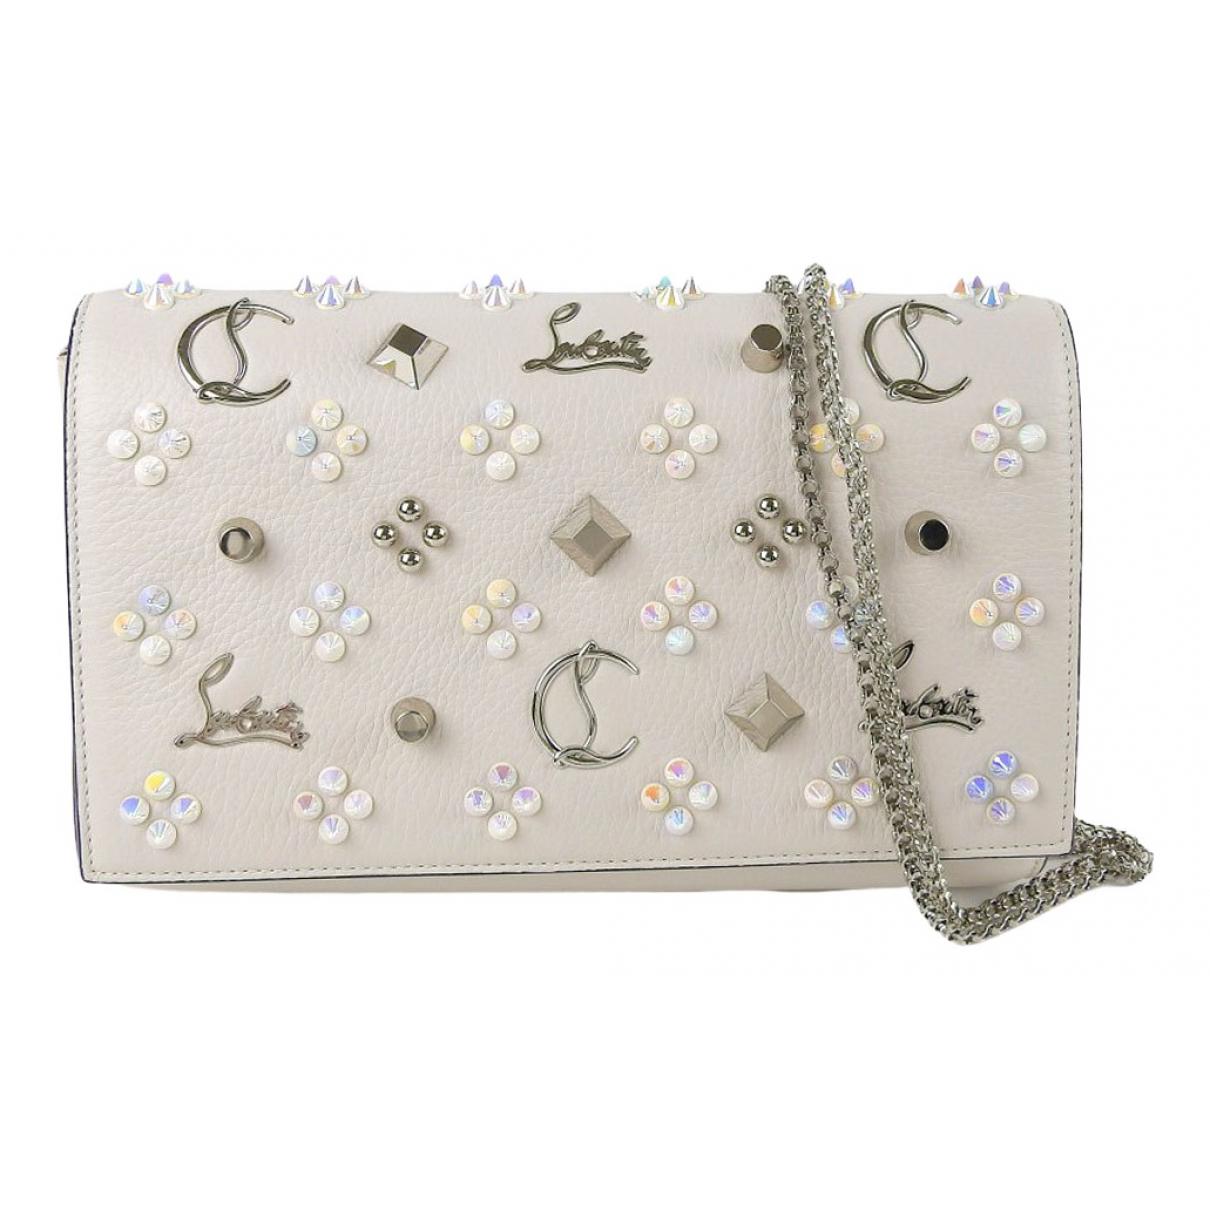 Christian Louboutin \N White Leather handbag for Women \N